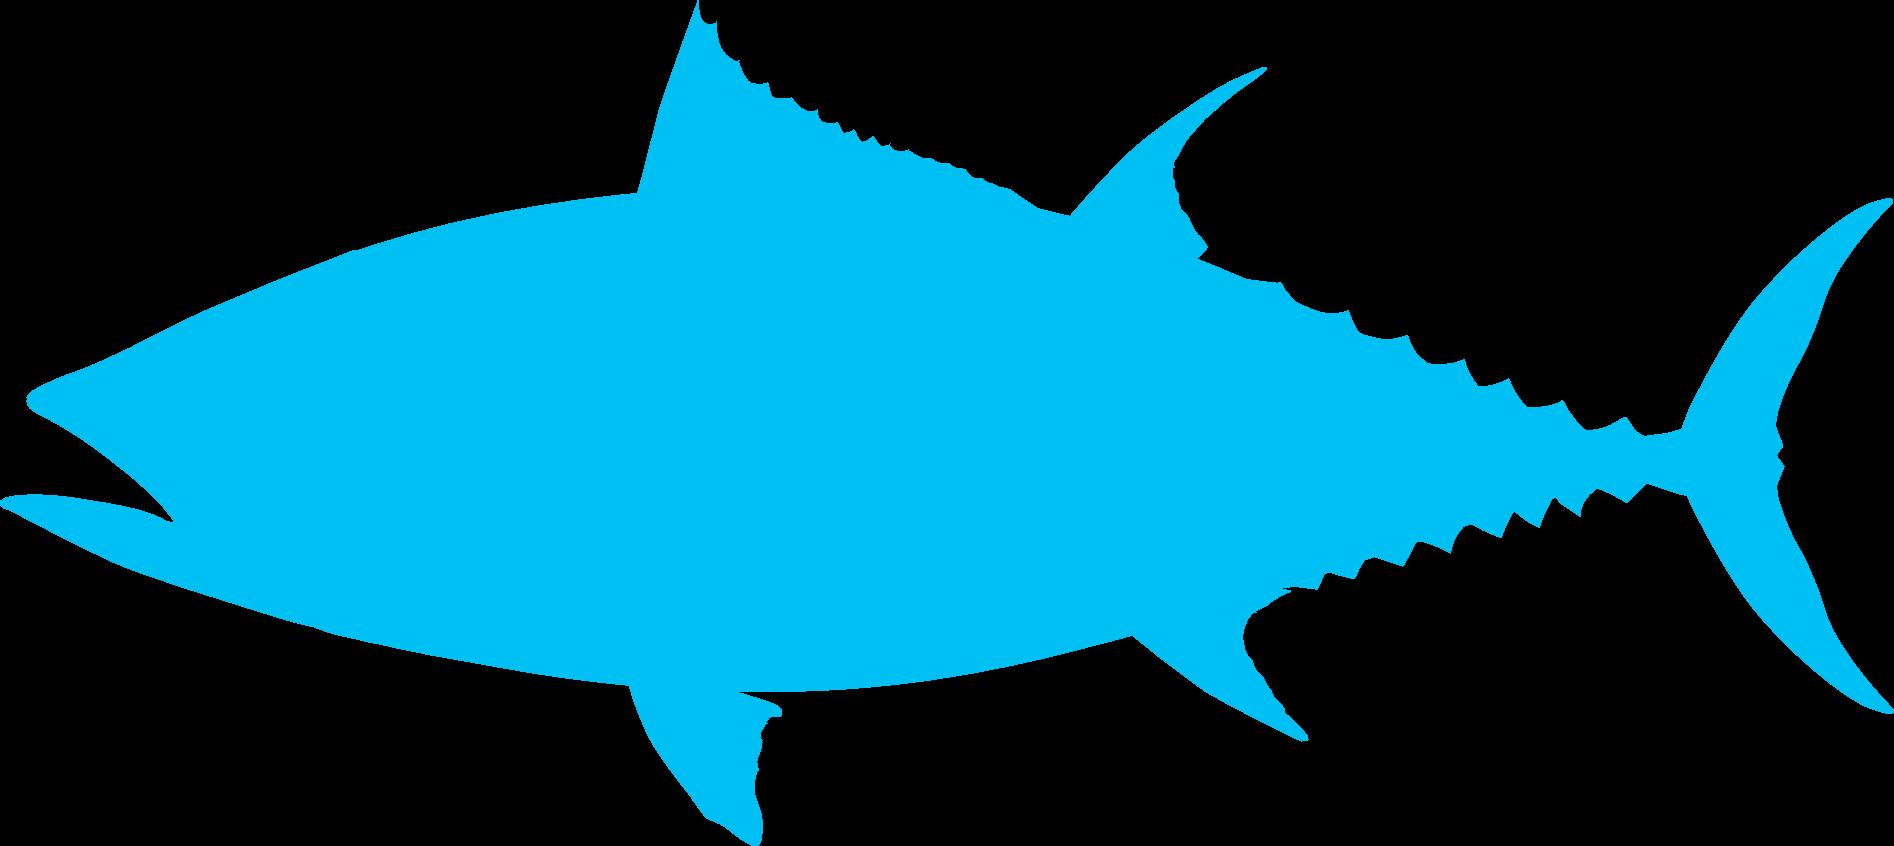 Image-Fish-tuna-shape